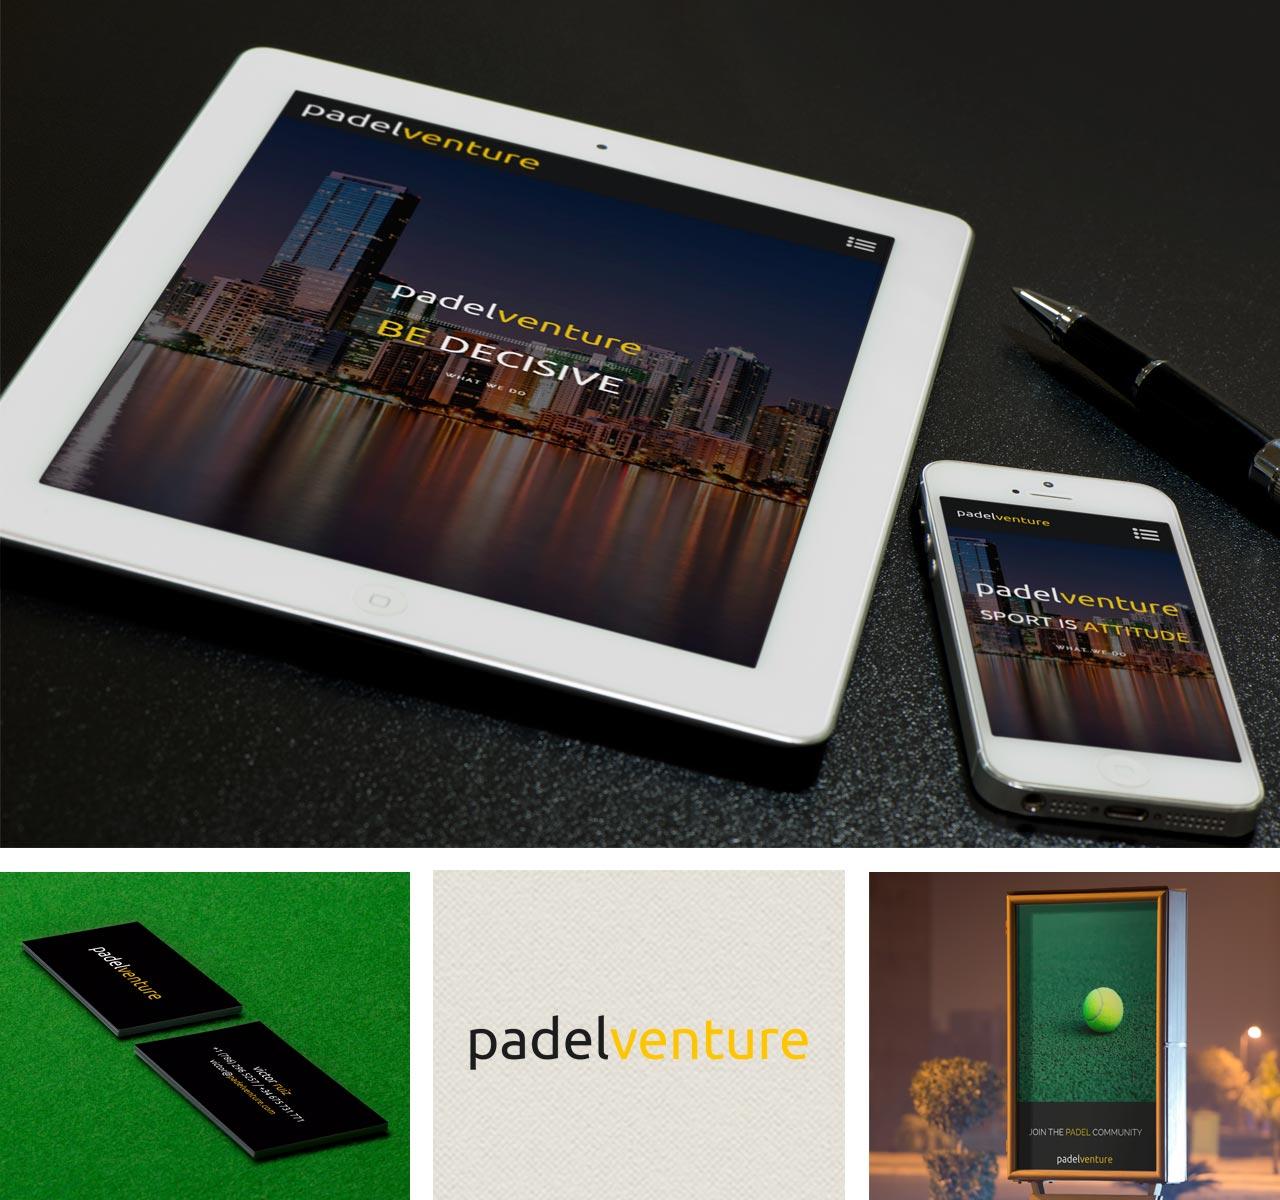 padelventure desarrollo web